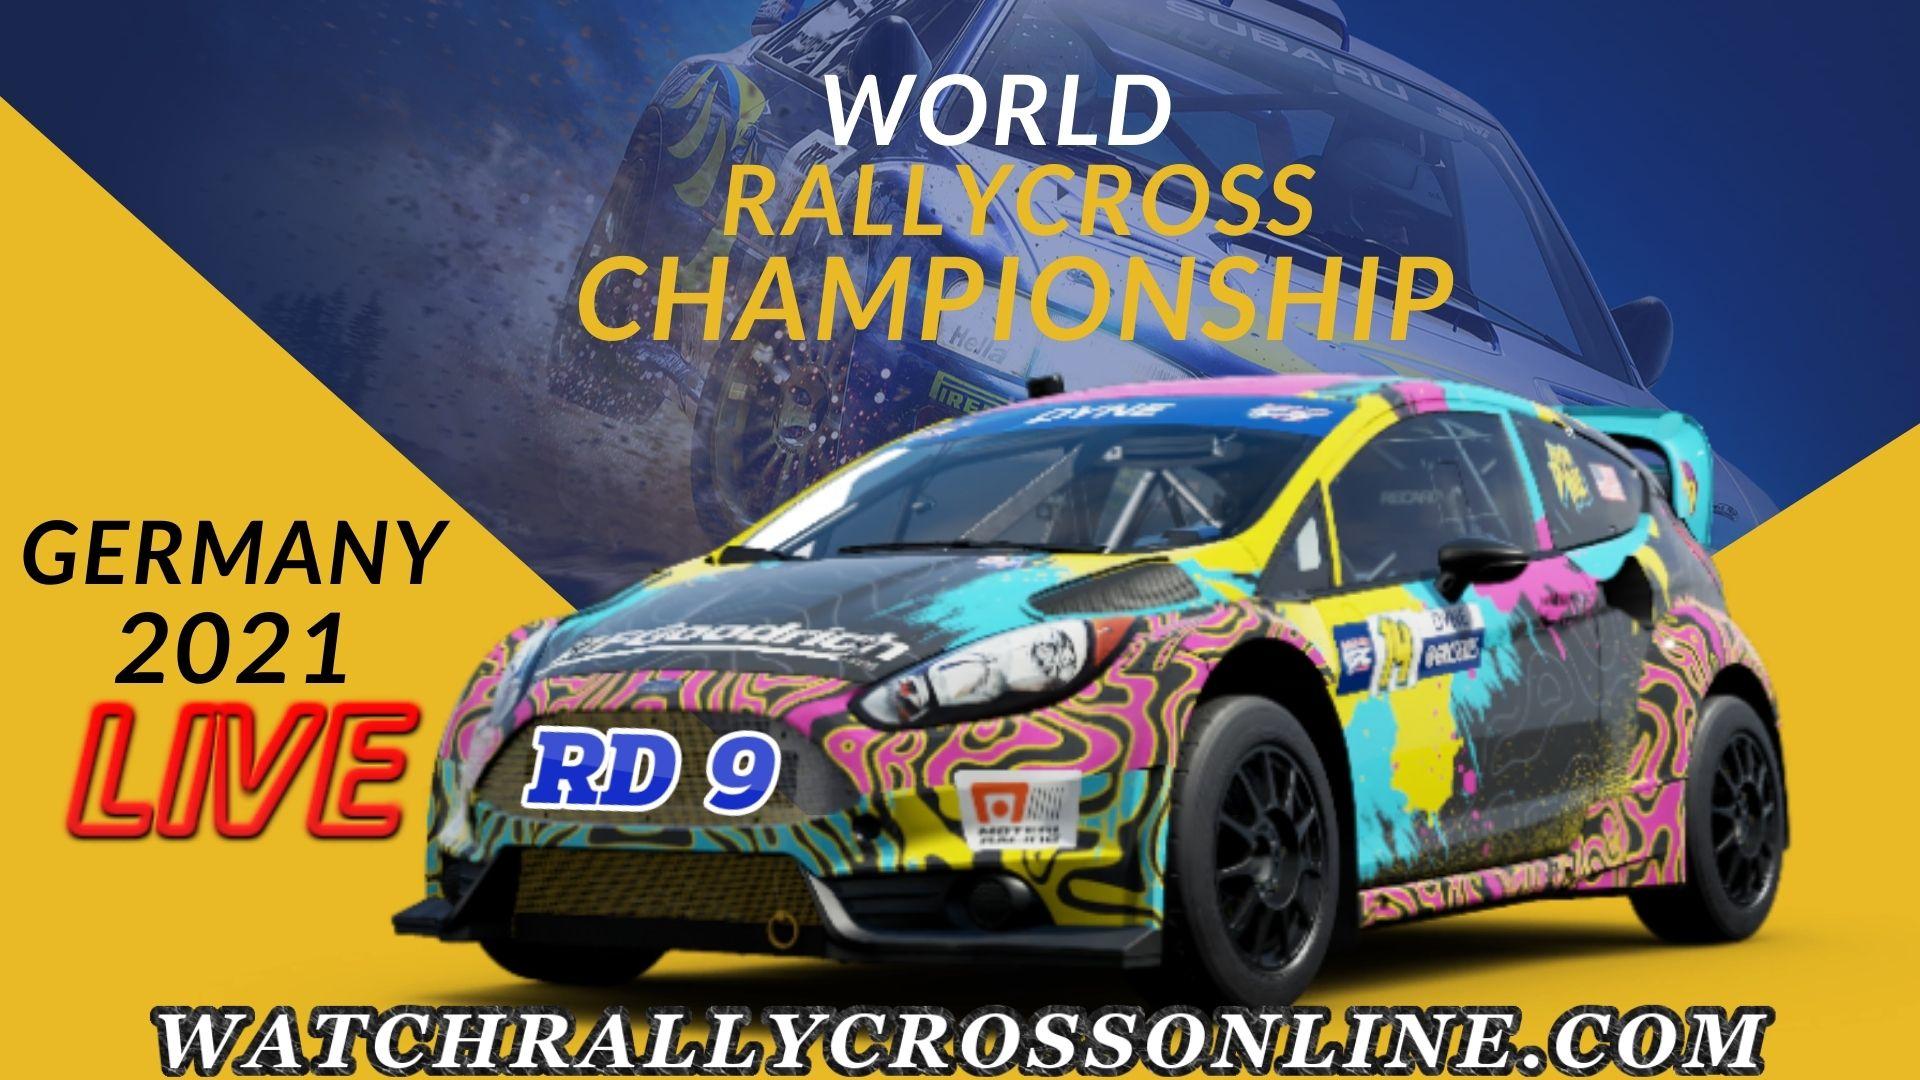 Germany Rallycross RX Live Stream 2021: RD-9